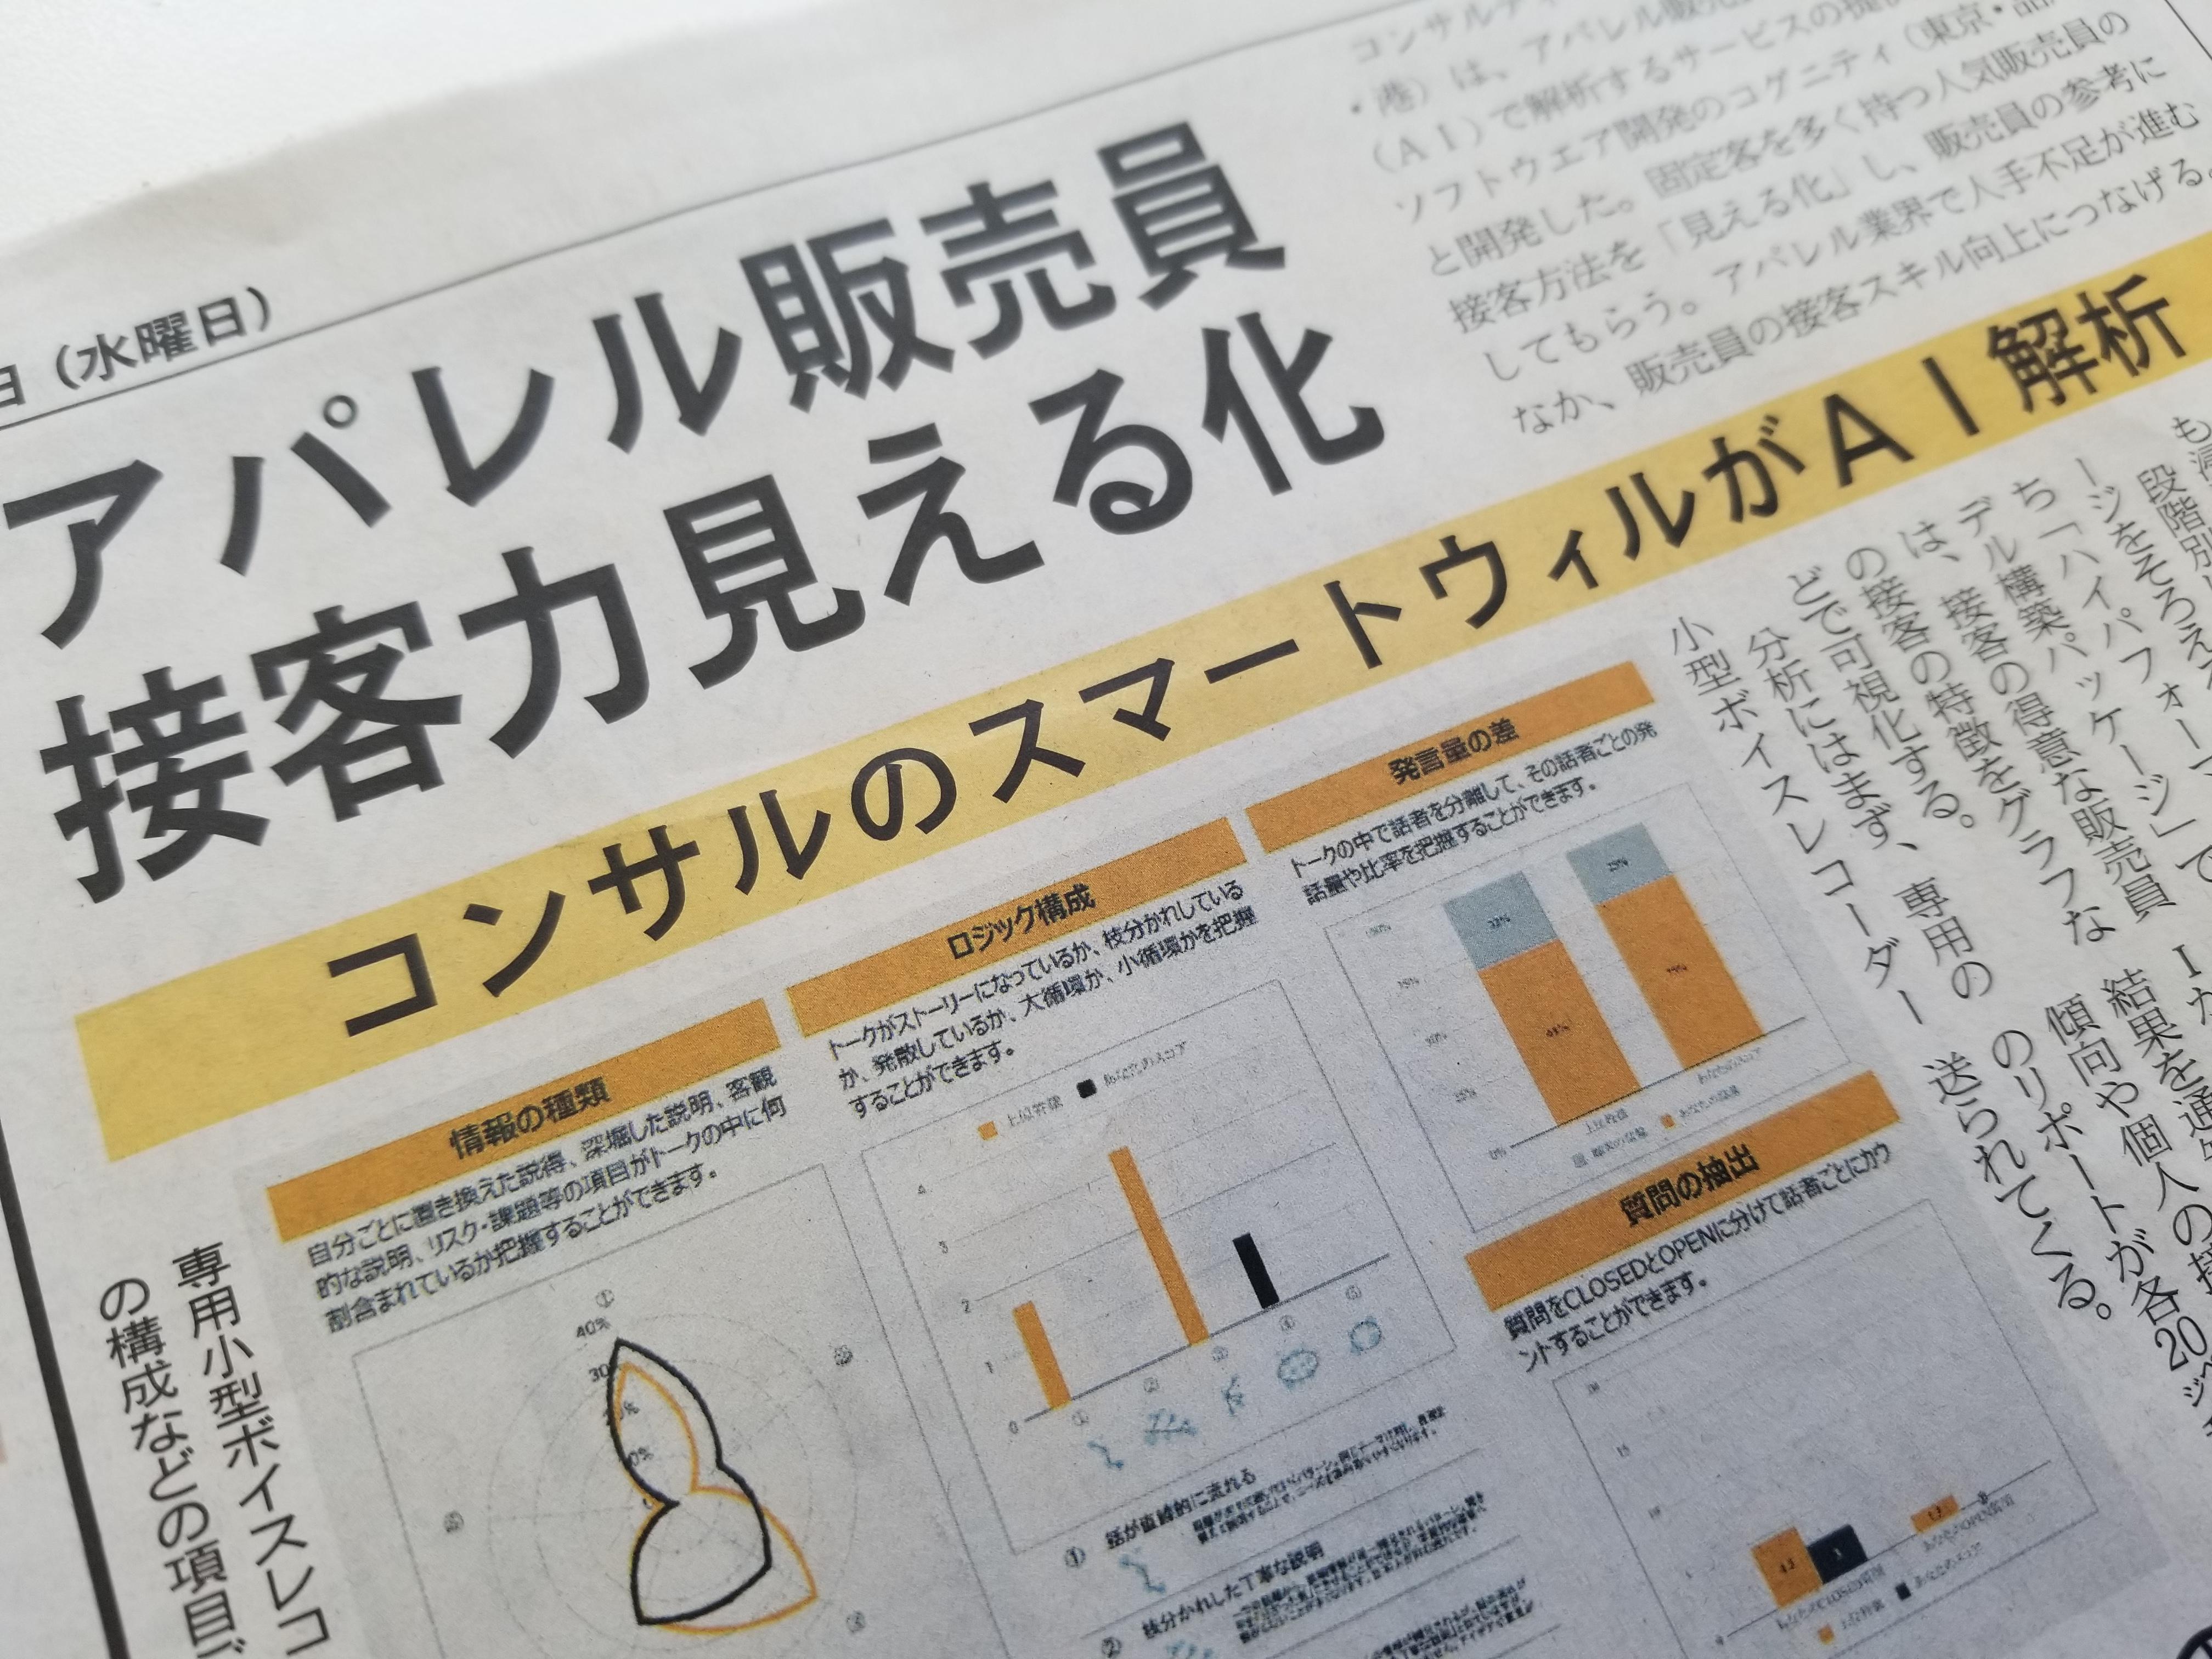 2019年7月10日発行『日経MJ』